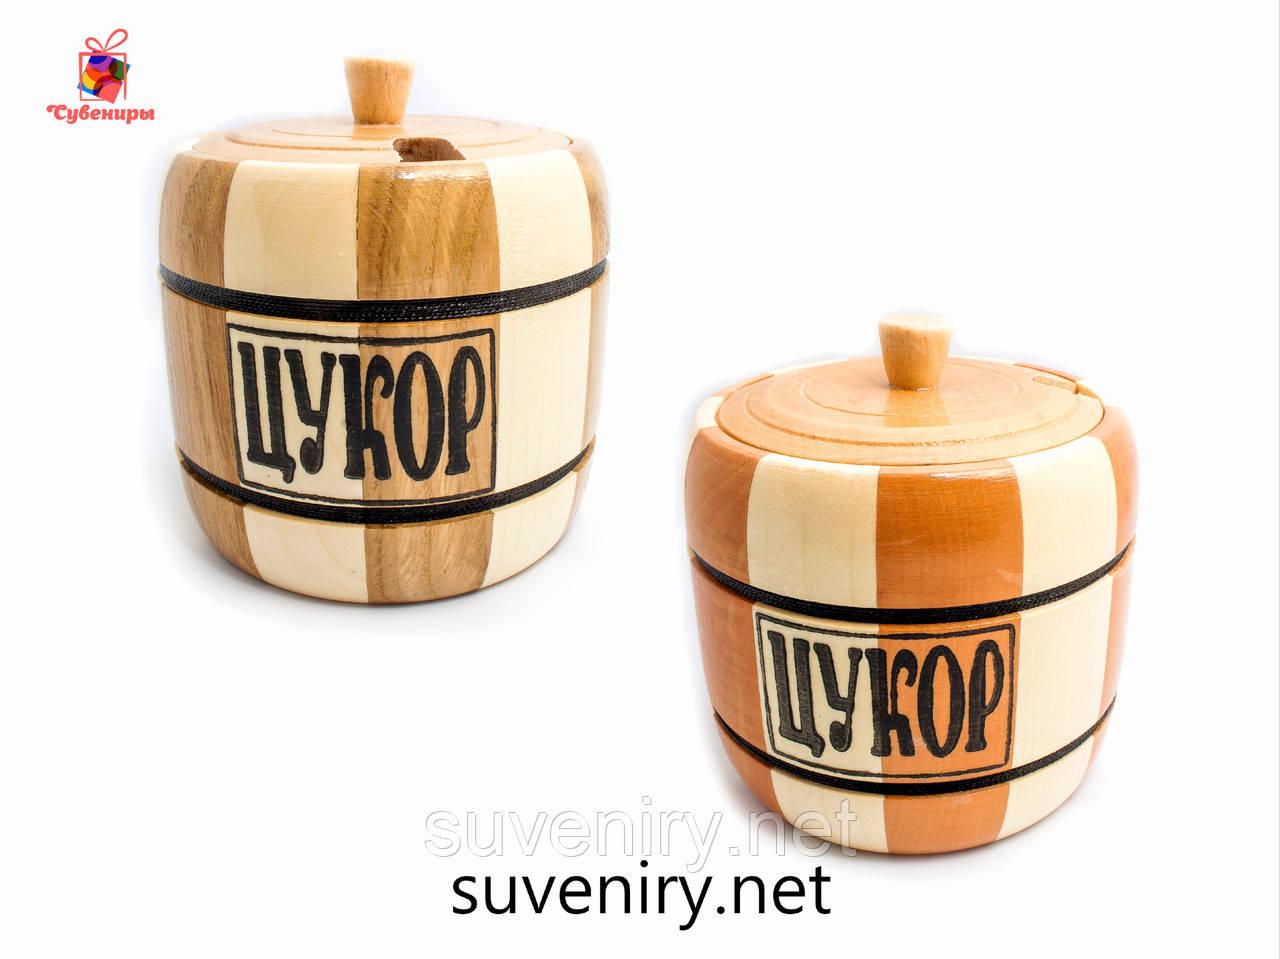 Дерев'яна баночка для цукру хороша якість